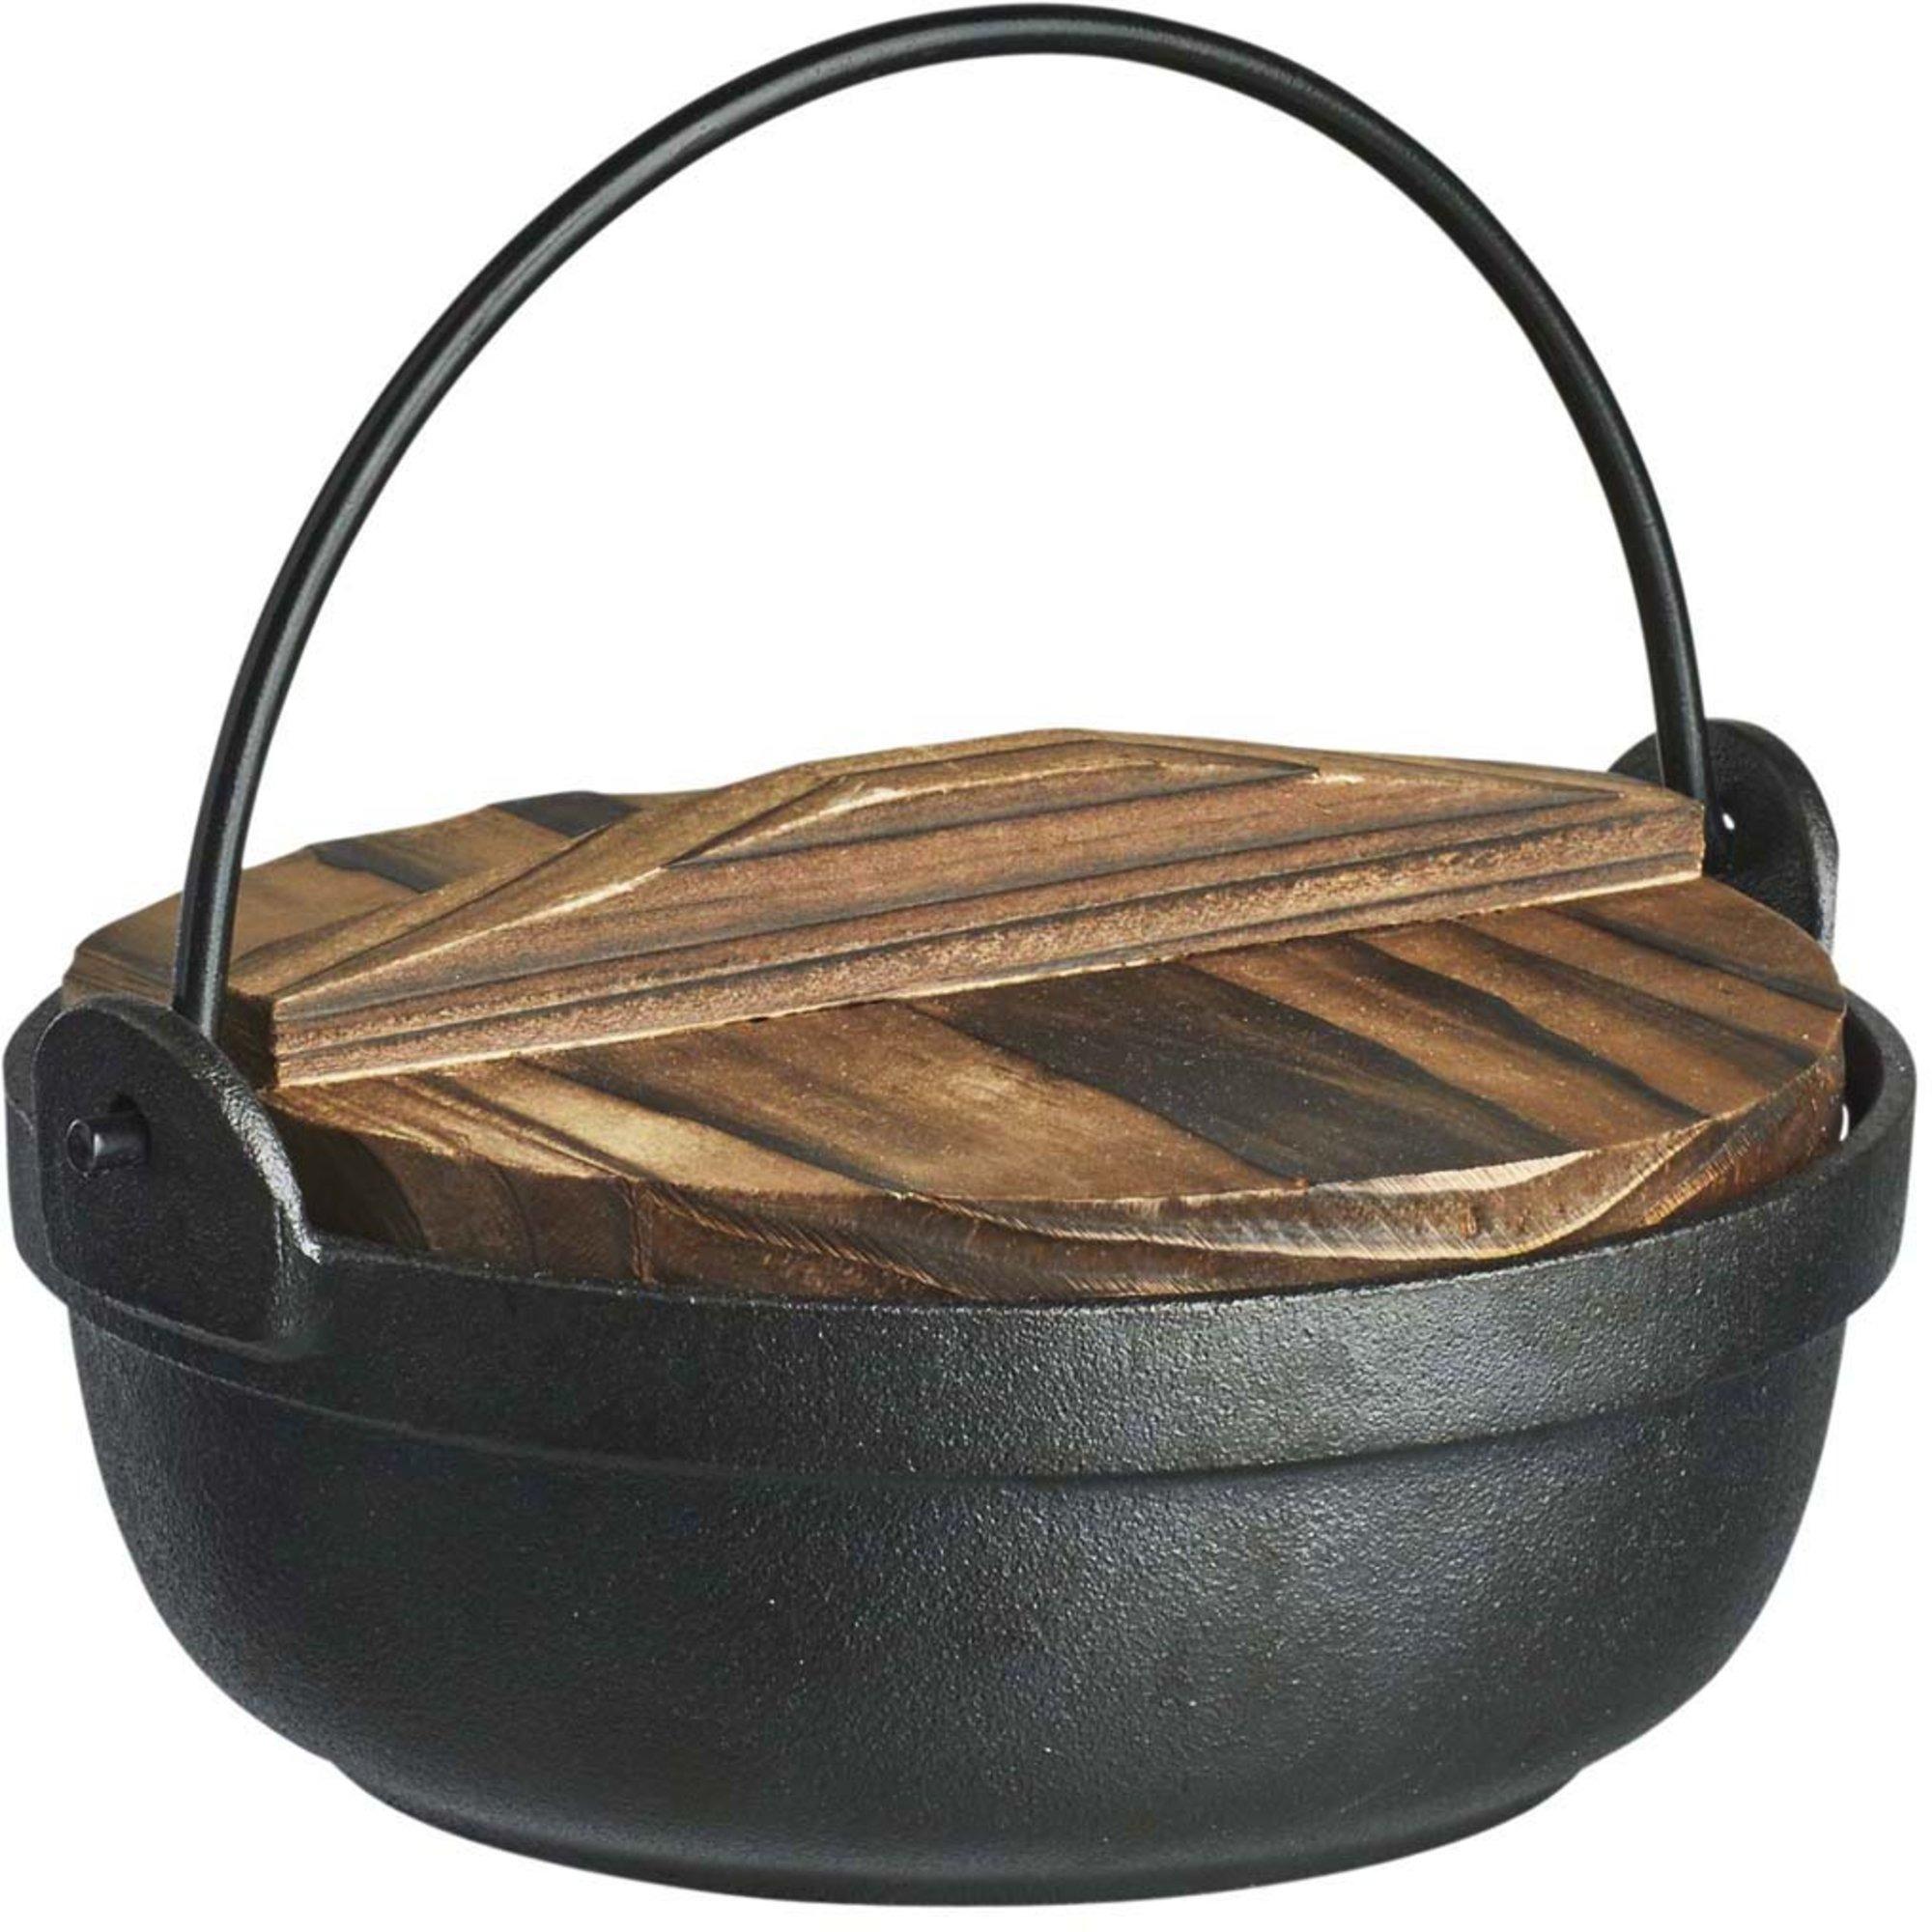 Satake Gjutjärnsgryta med ugnssäkert lock och trälock Ø 17 cm 0,8 l